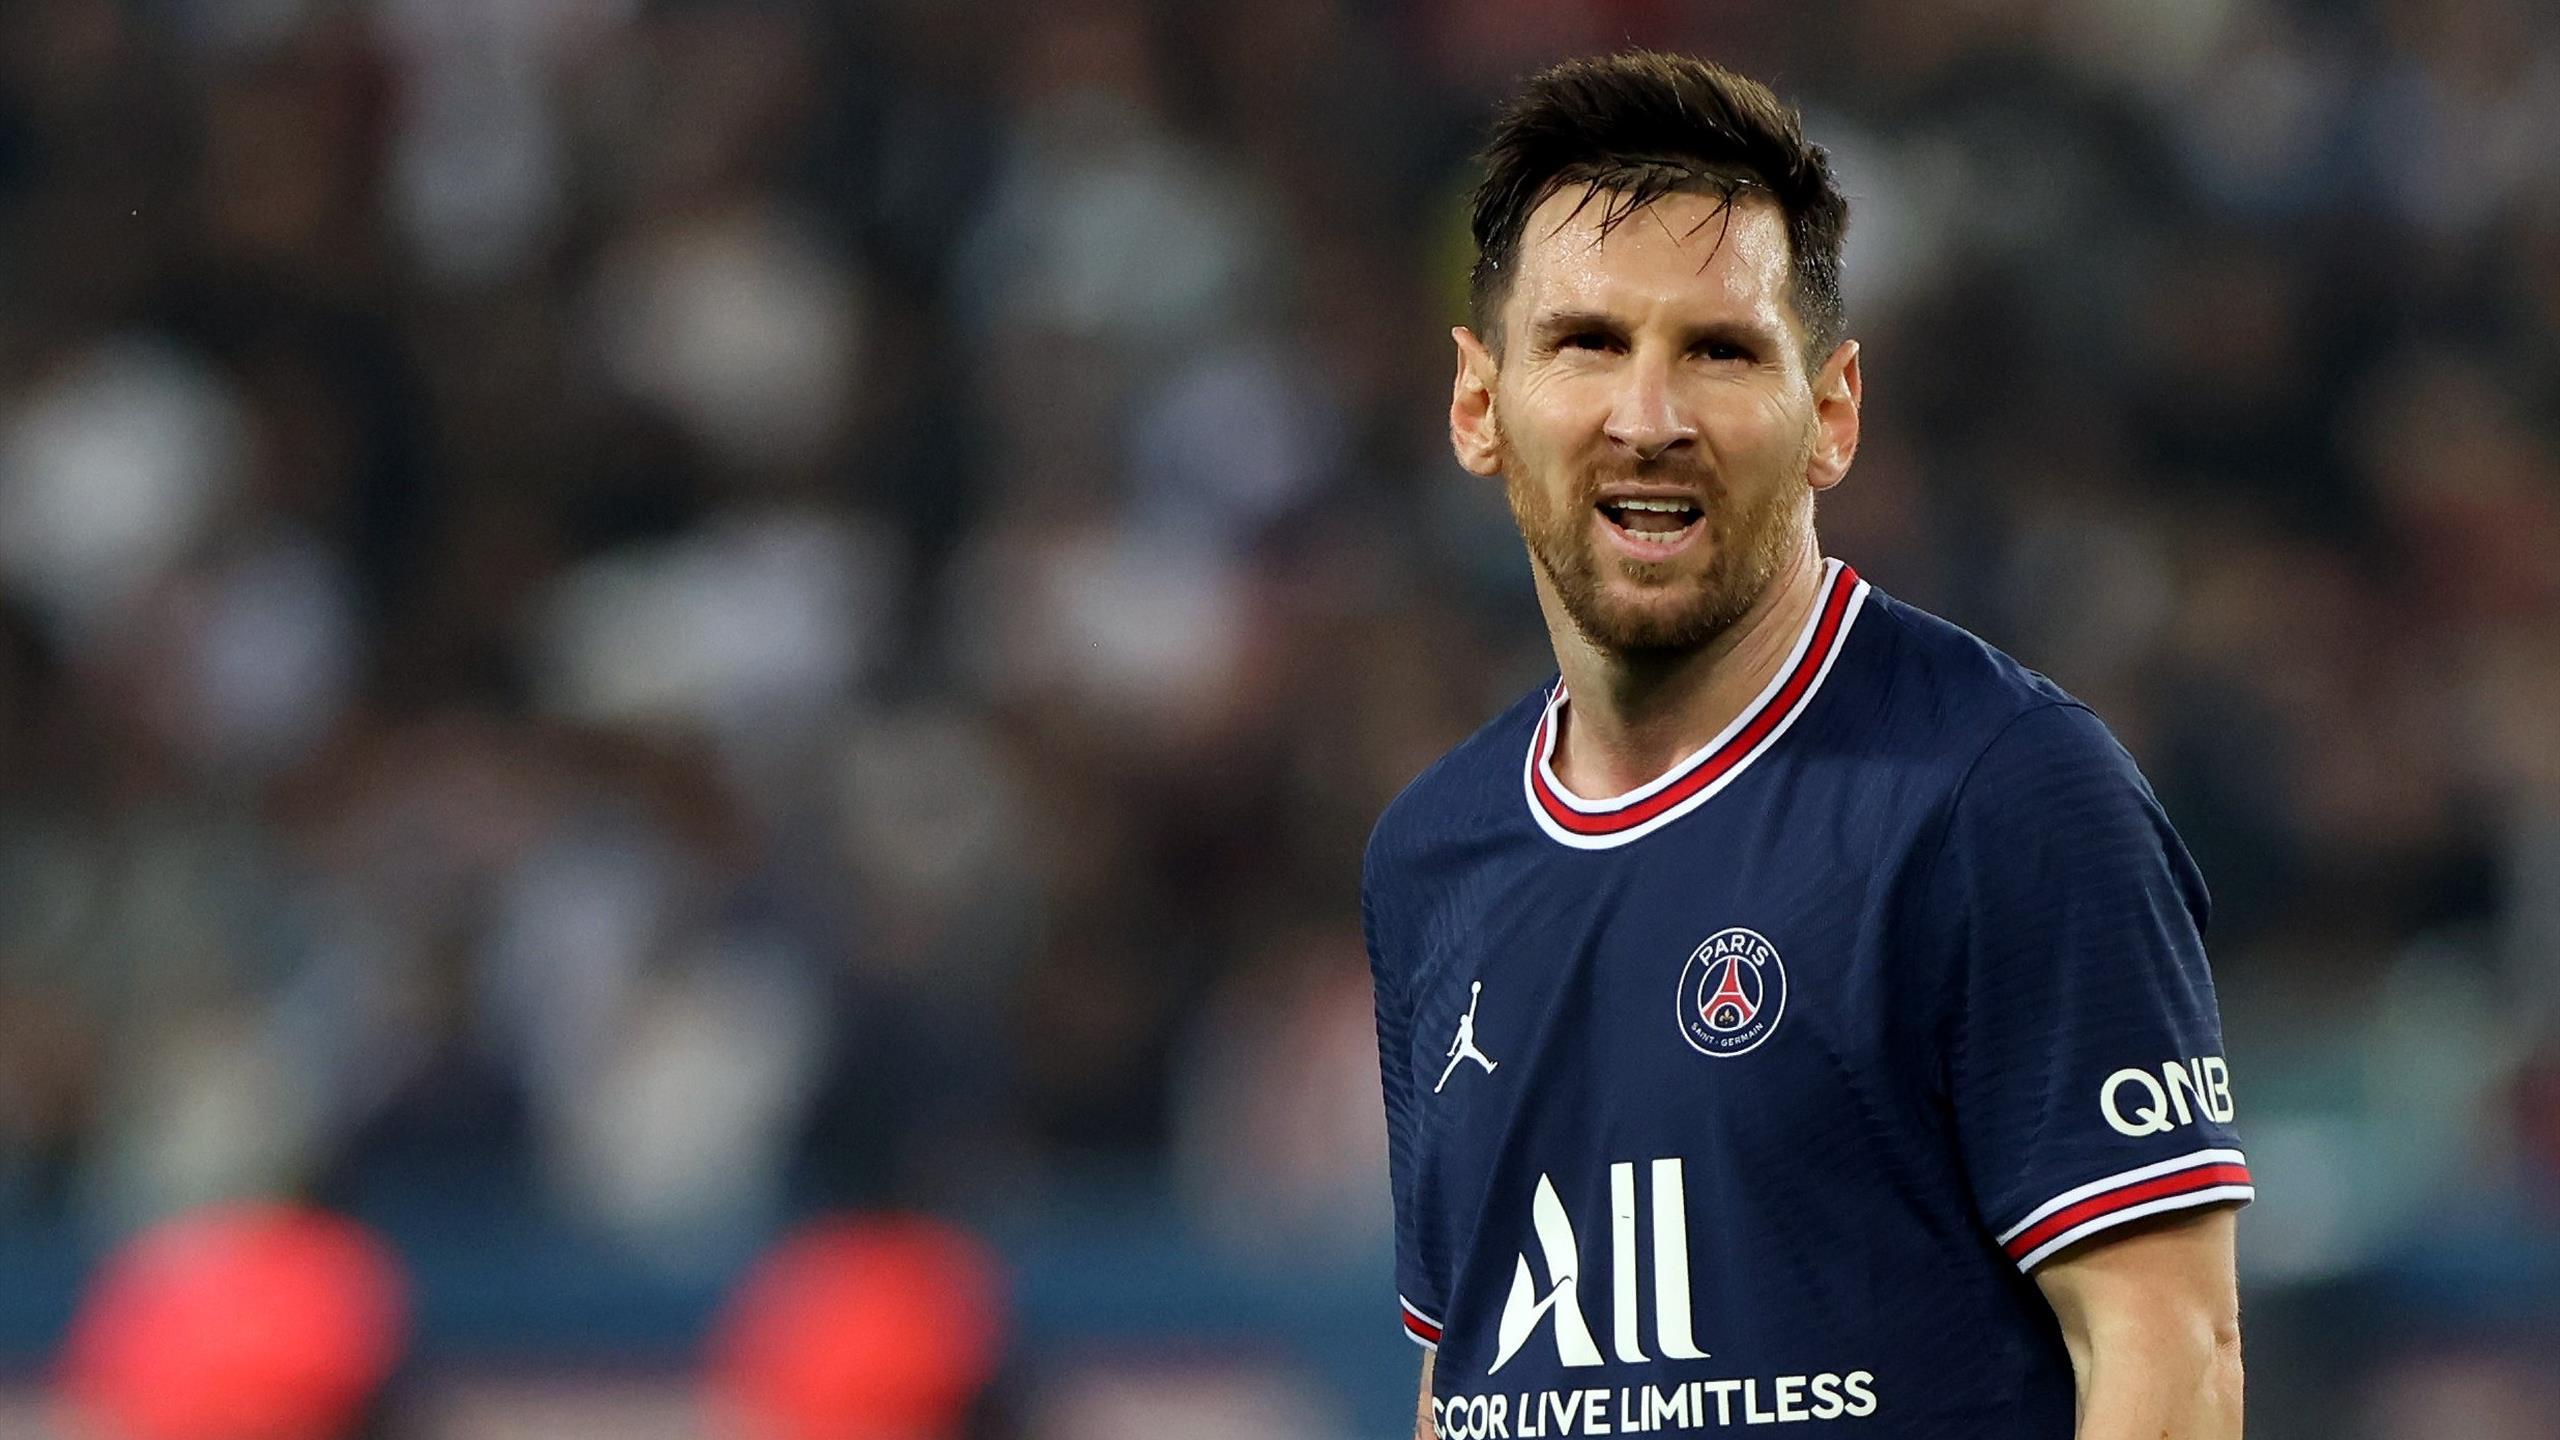 Le changement s'explique : Pourquoi Pochettino aurait décidé de remplacer Messi